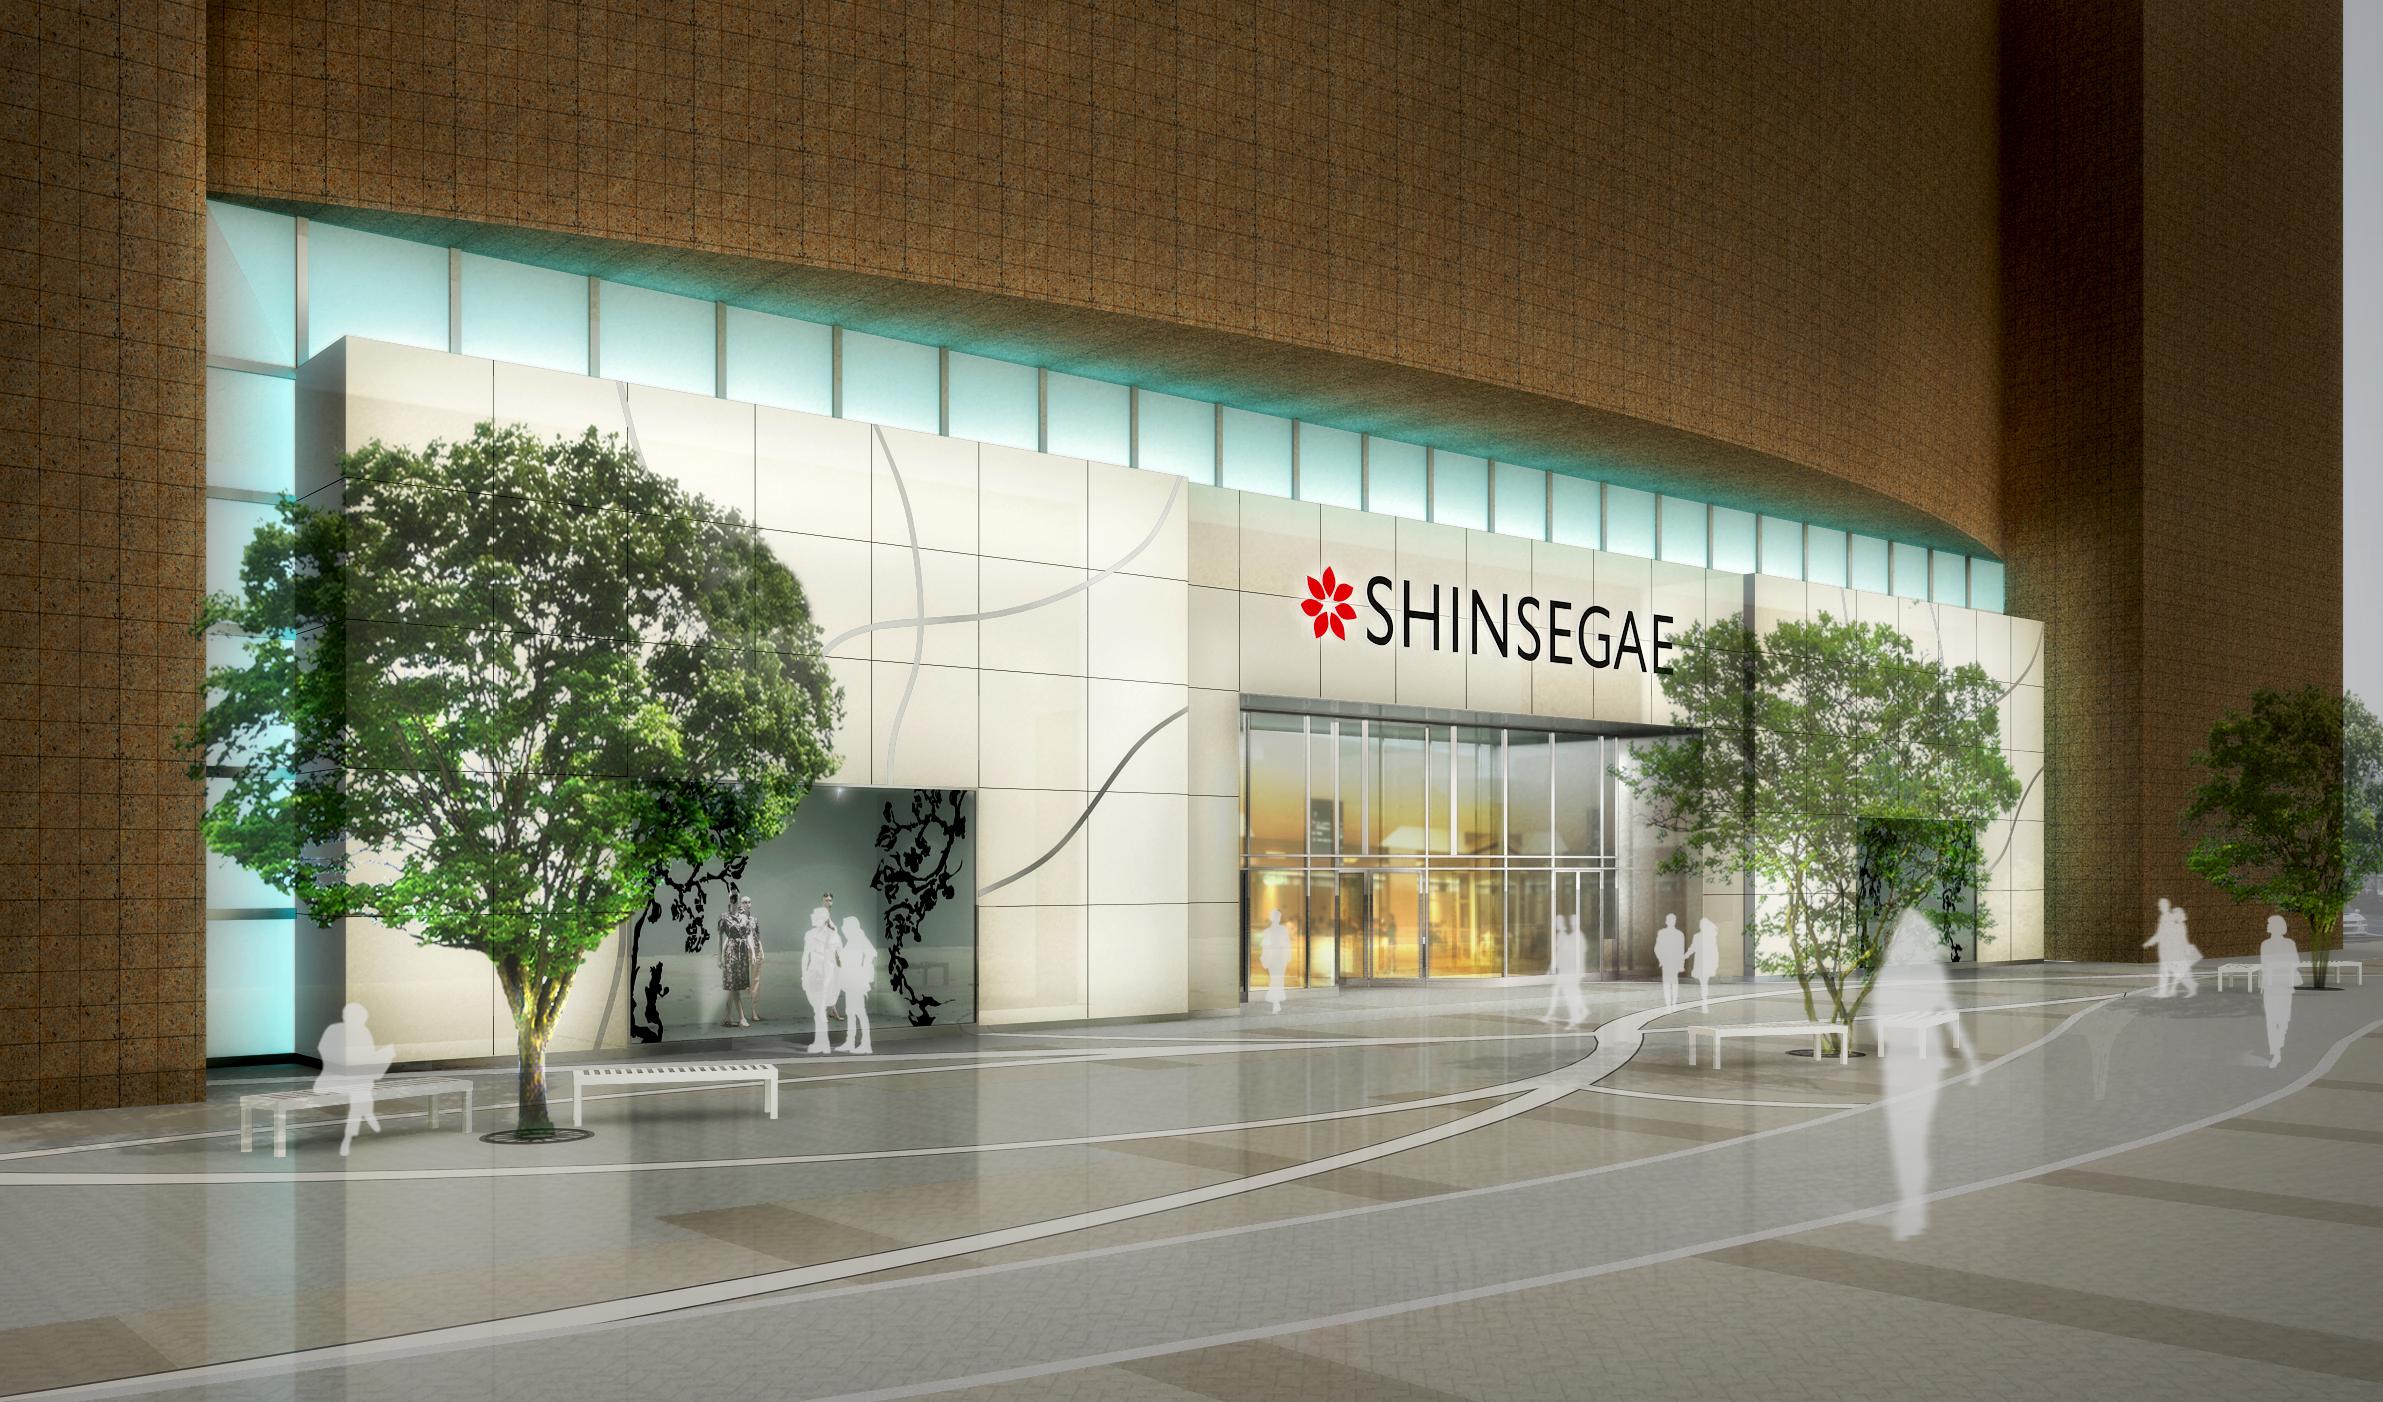 Shinsegae renderings (1)